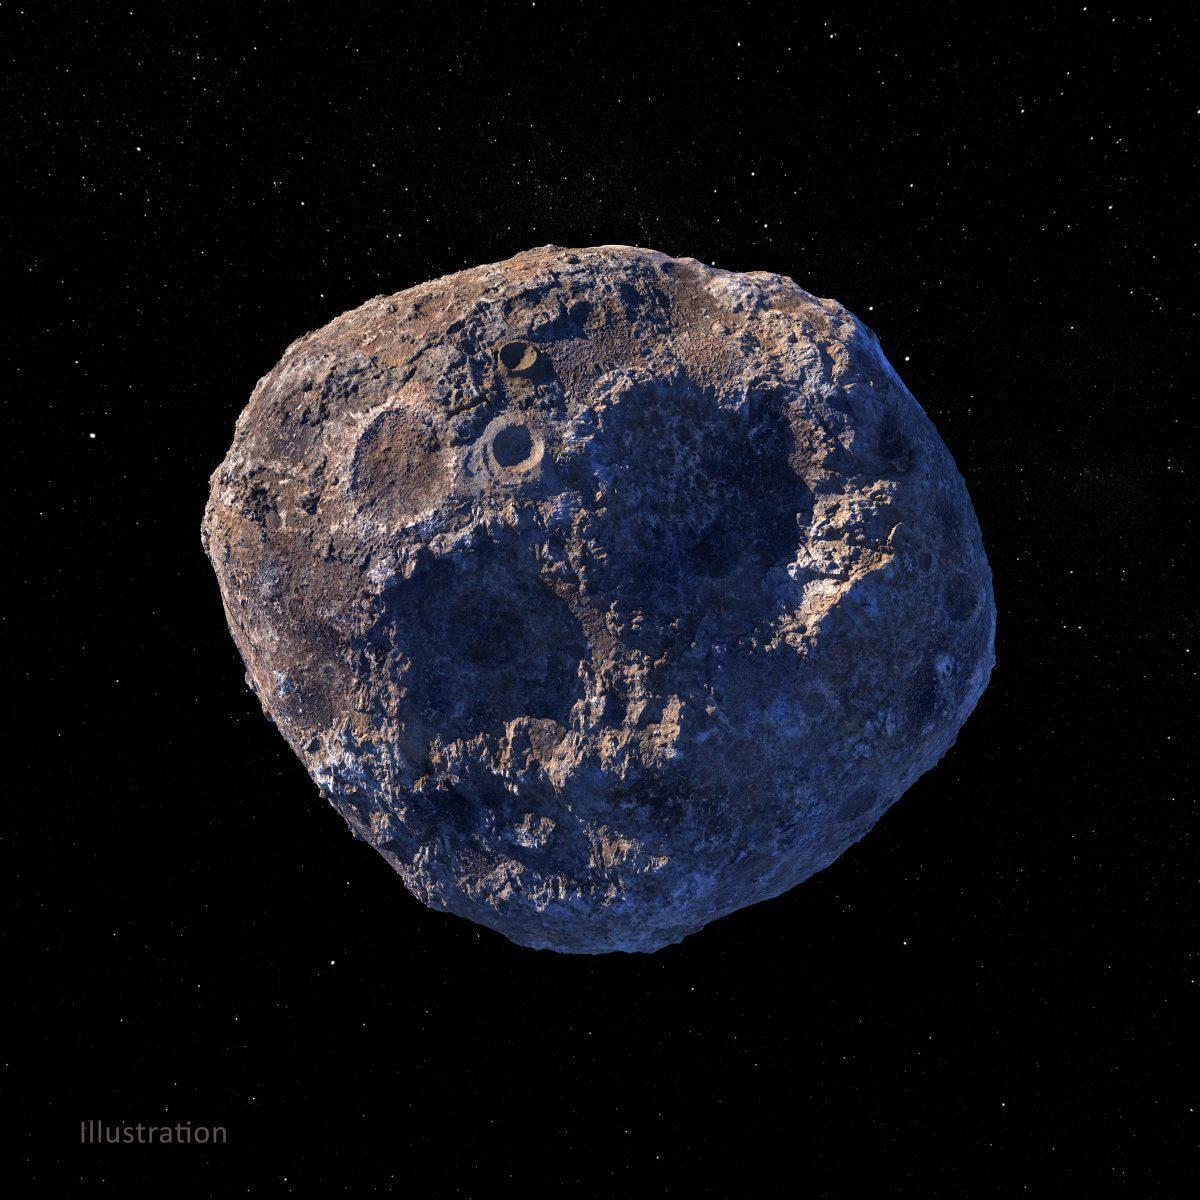 小惑星プシケを描いた想像図(金属と岩が細かく入り混じっていると想定)(Credit: NASA/JPL-Caltech/ASU/Peter Rubin)